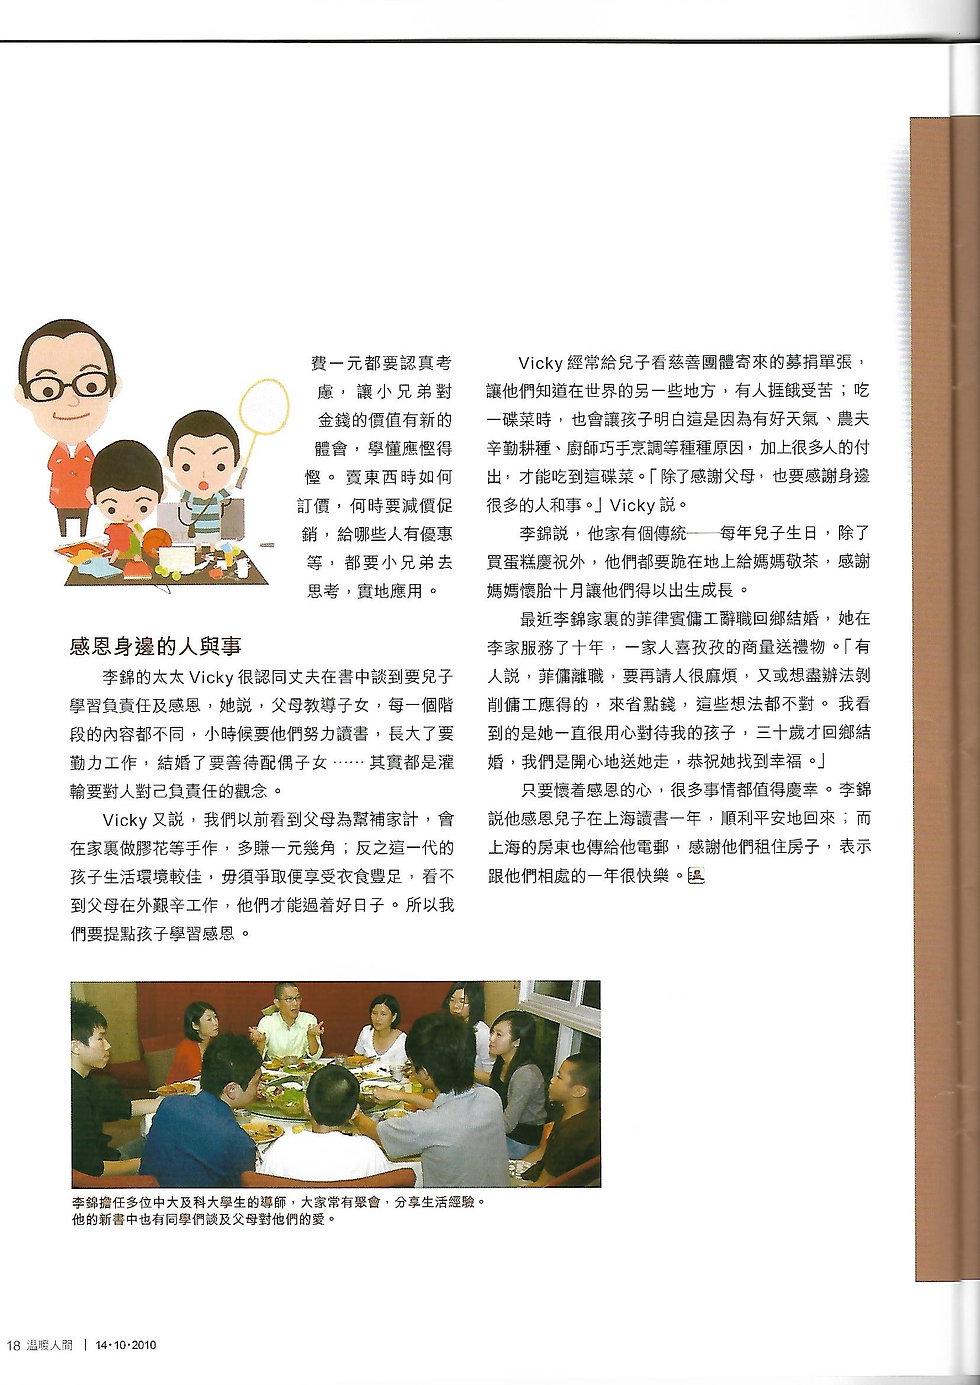 20101014_溫暖人間_Page_3.jpg